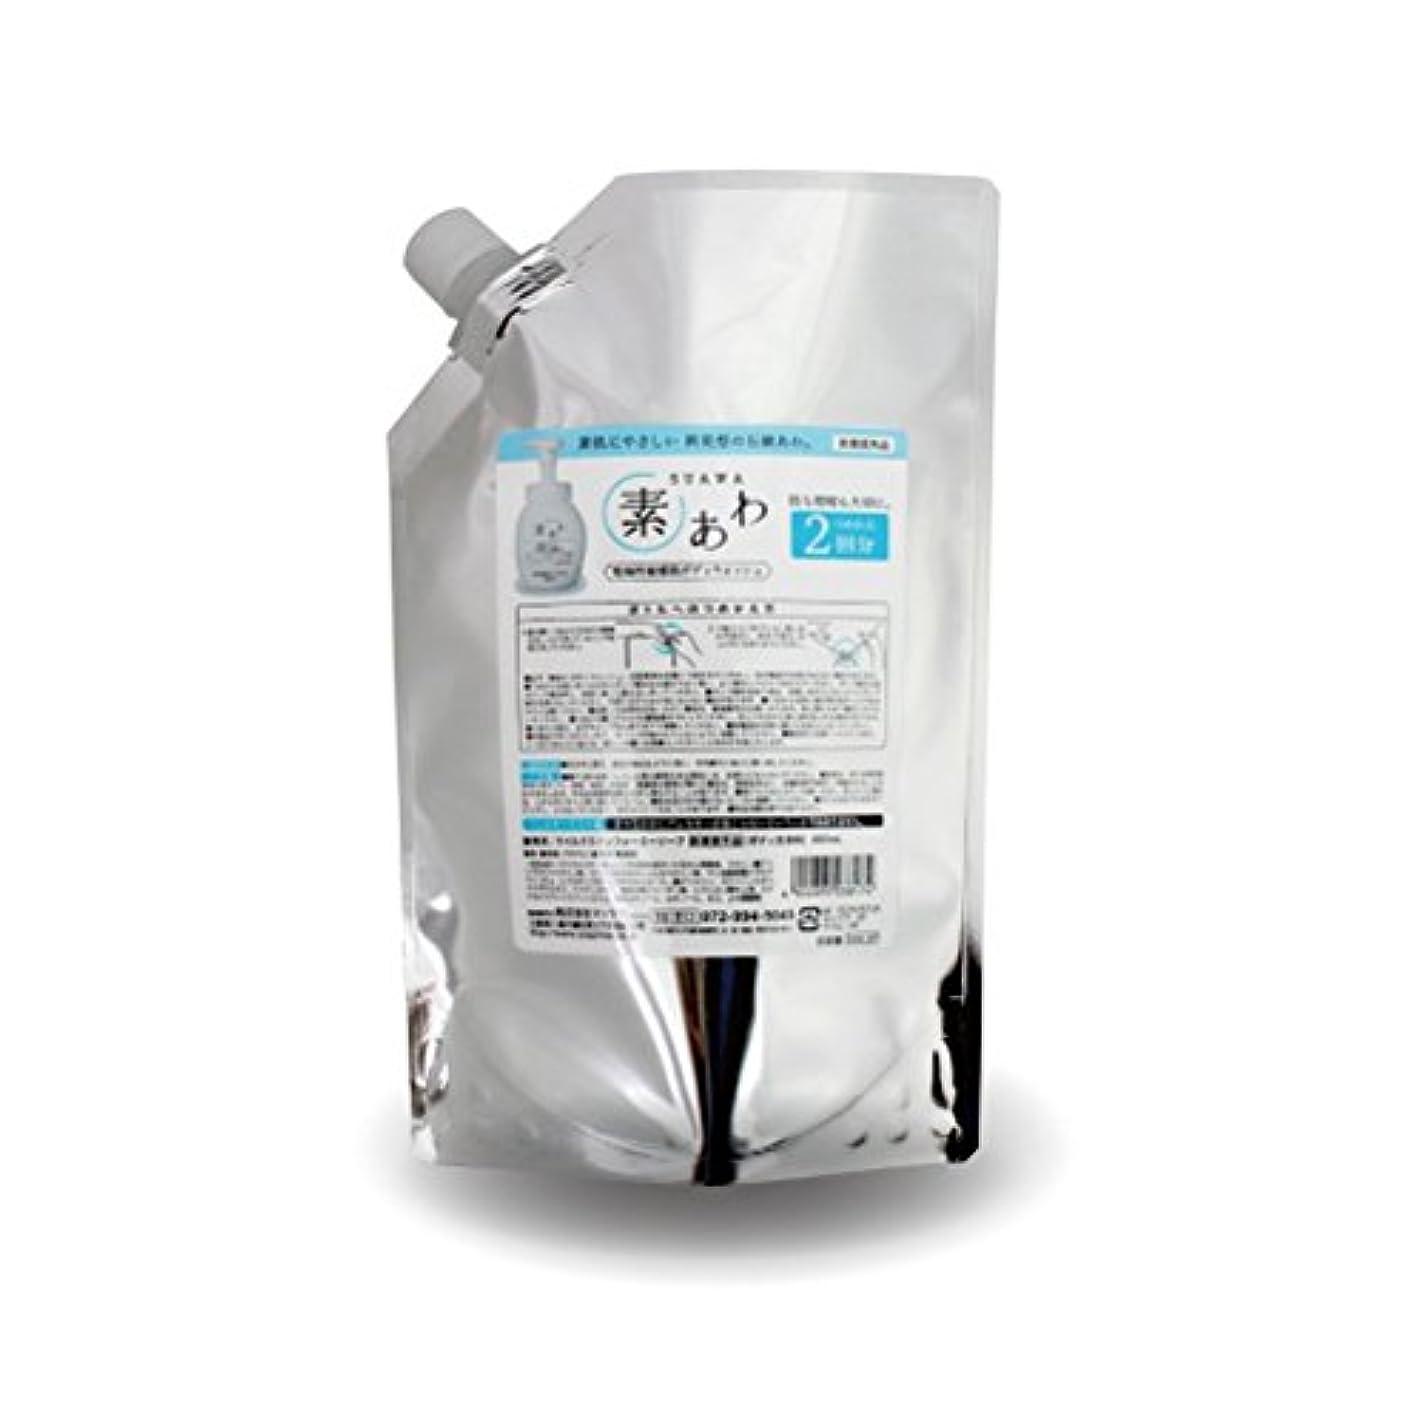 スリンク小道具思い出させる薬用 素あわ 泡タイプ ボディソープ 詰替2回分パウチ 800mL 乾 燥 肌 ? 敏 感 肌 に